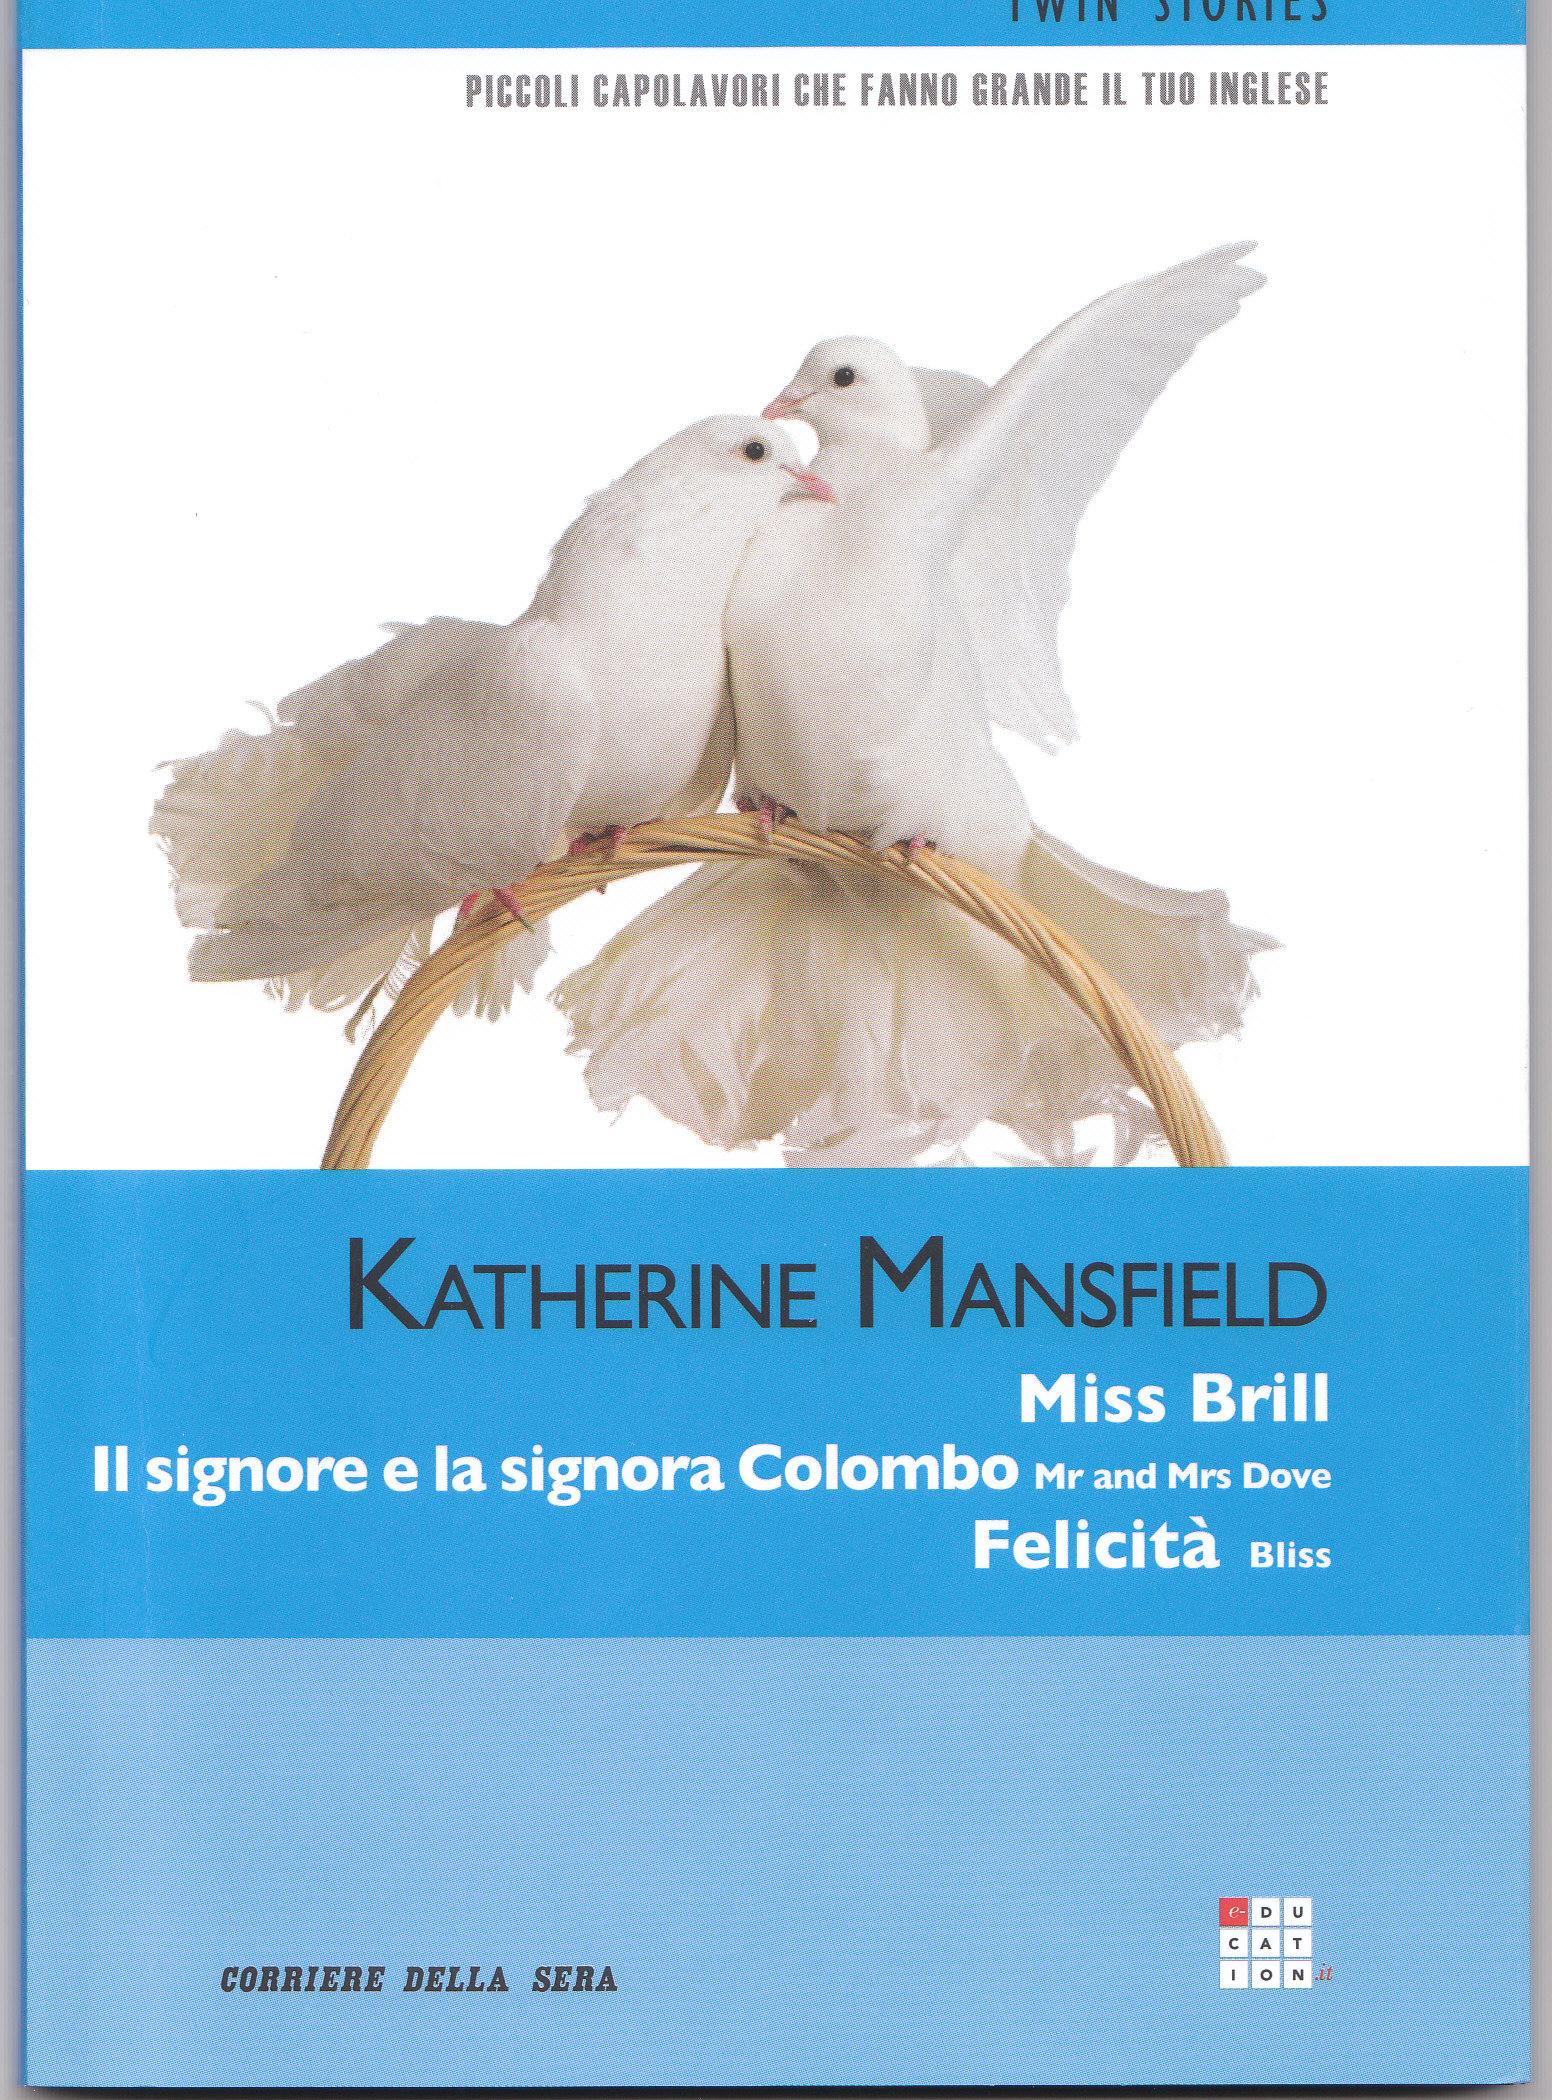 Miss Brill - Il signore e la signora Colombo/Mr and Mrs Dove - Felicità/Bliss